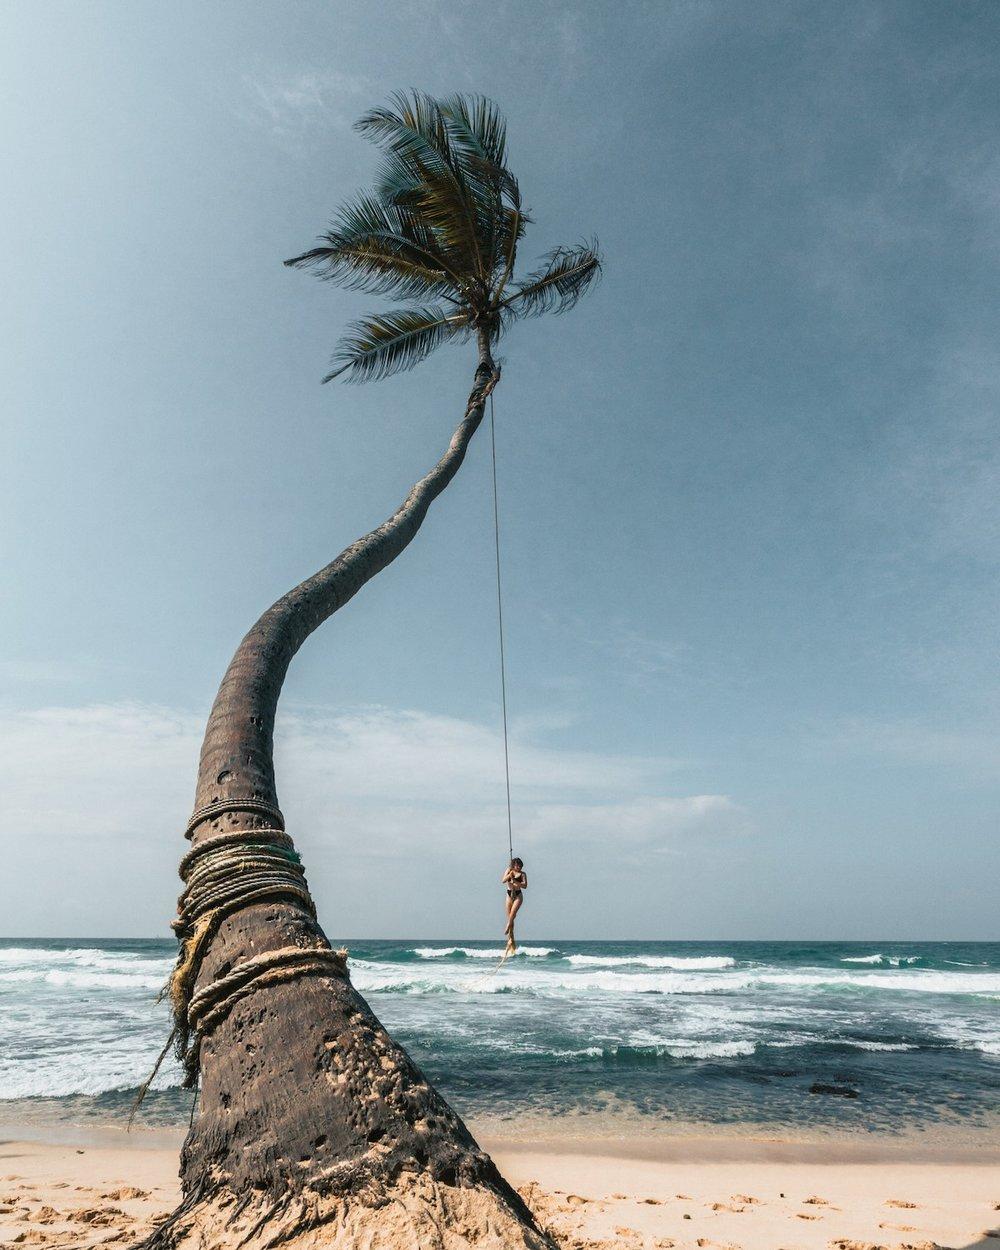 Sri Lanka Dallawella Beach by @carmenhuter